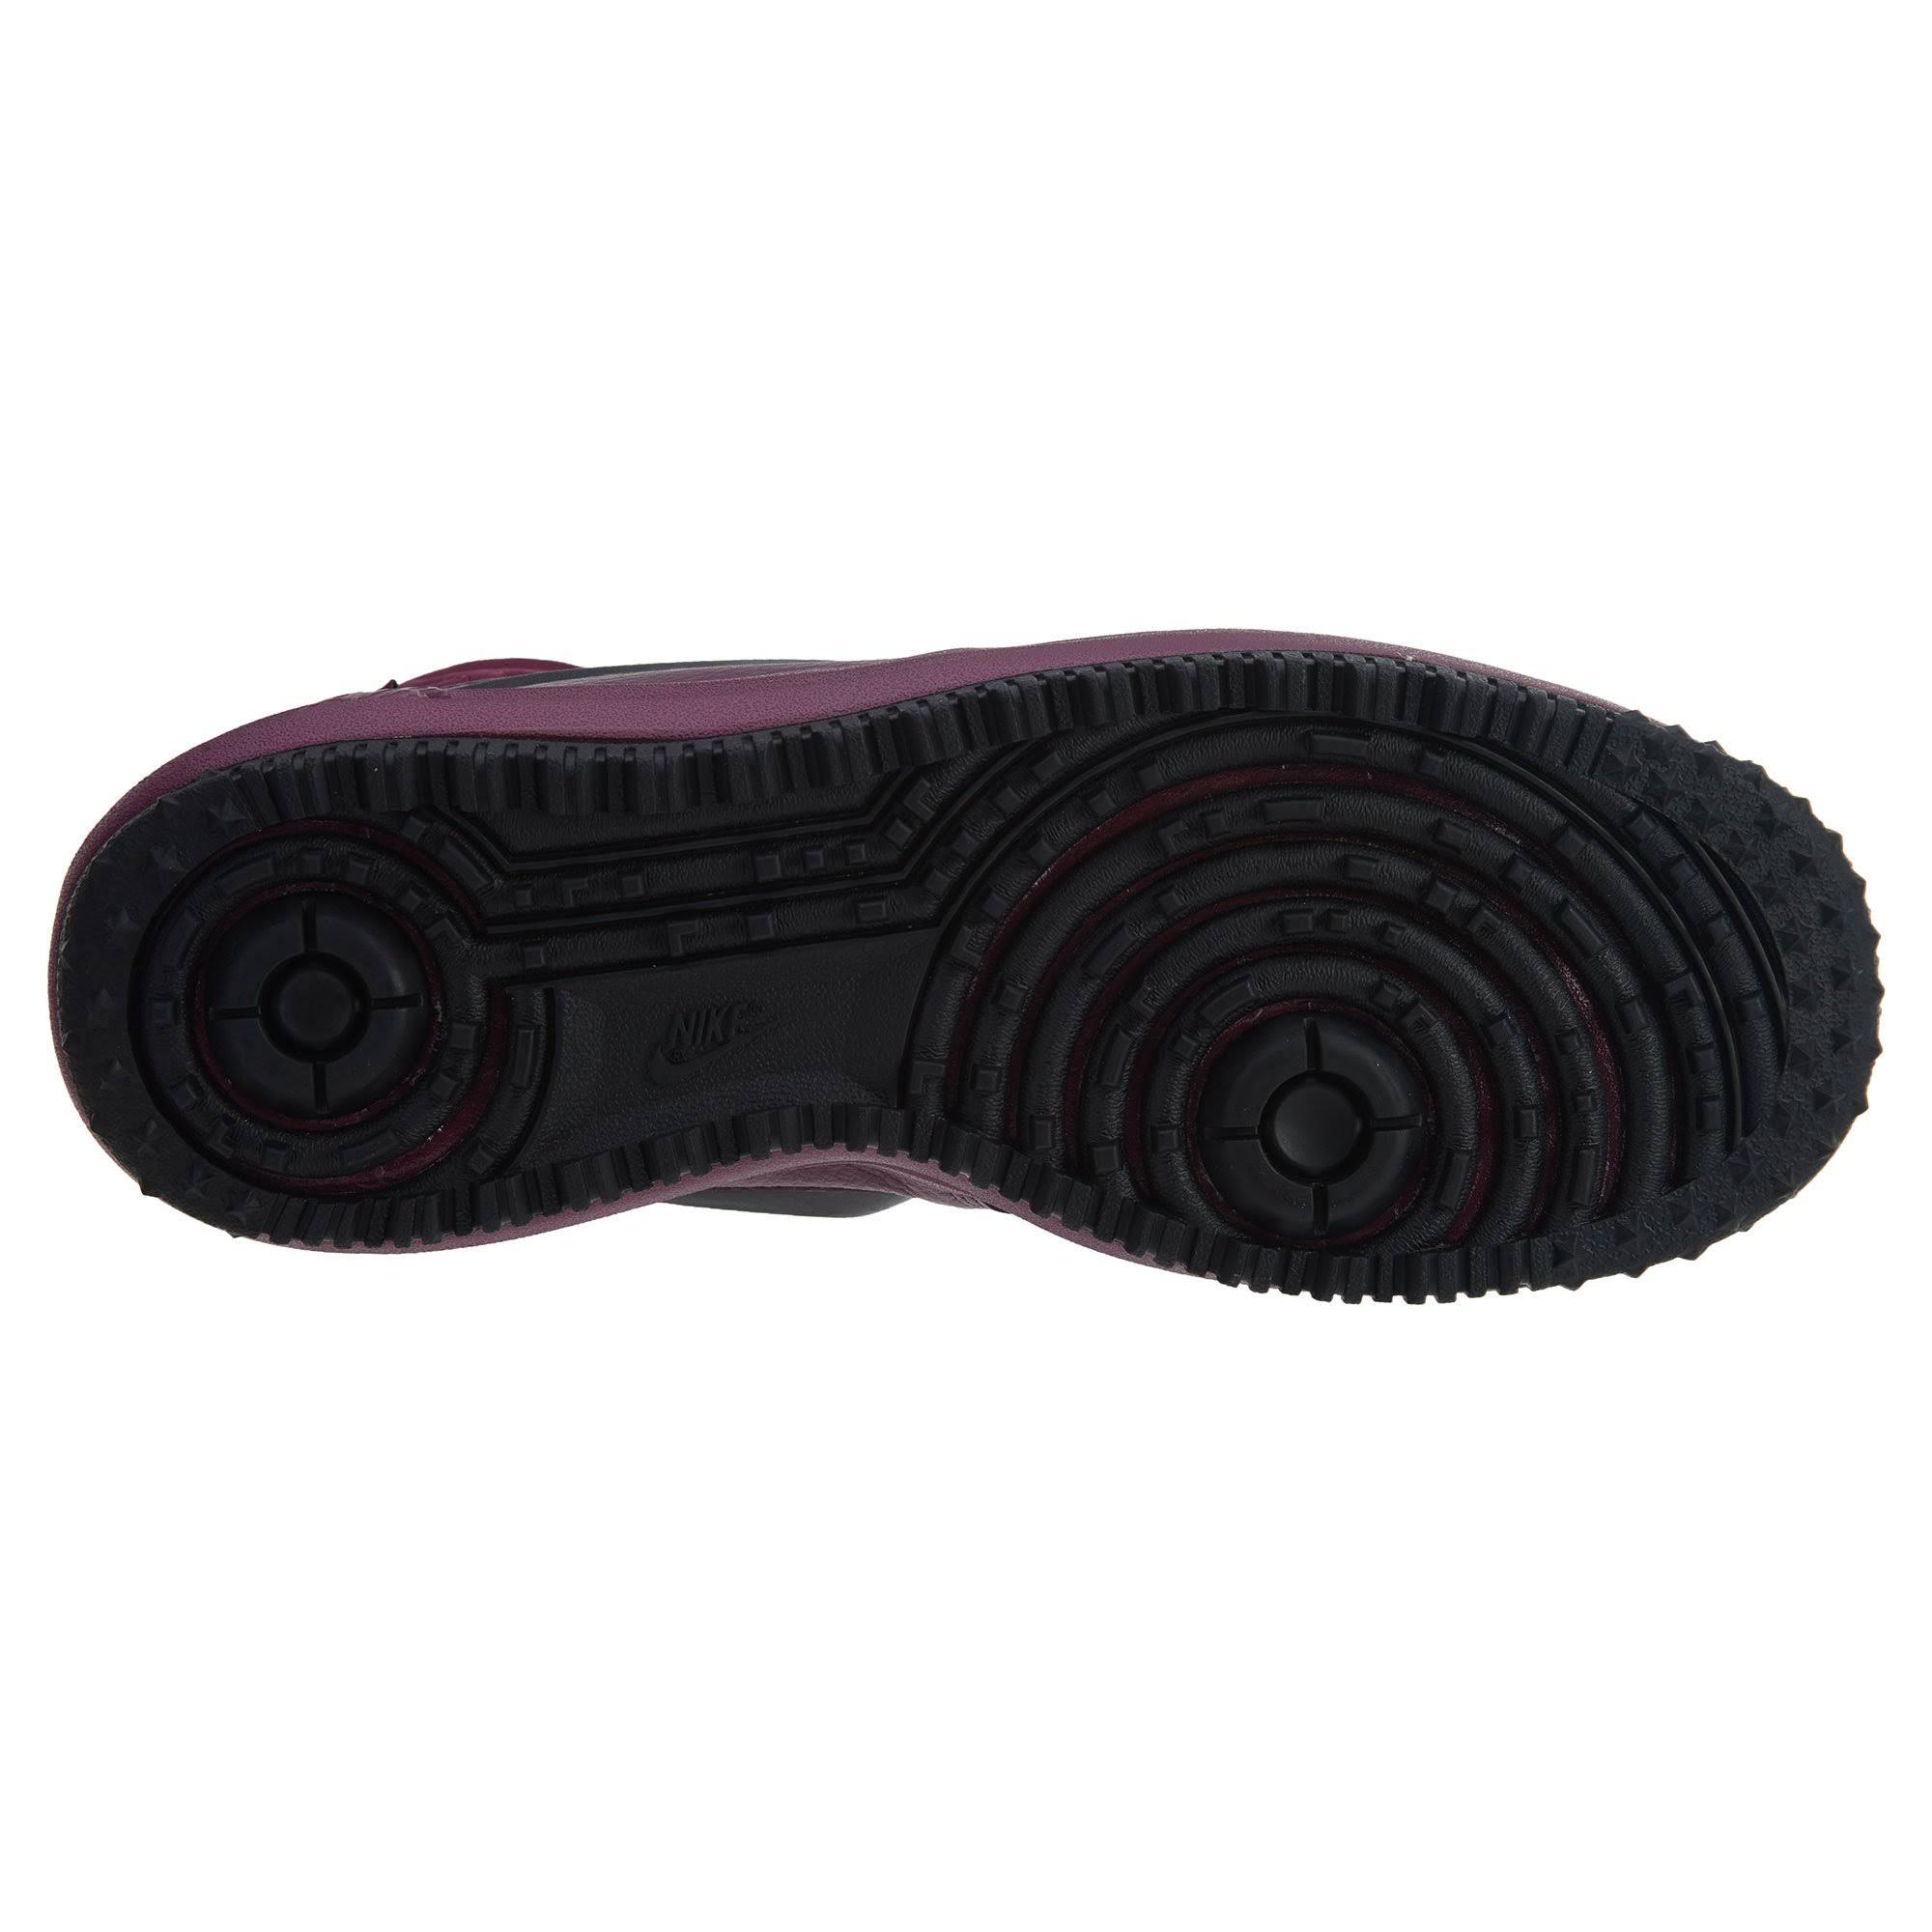 916682 Lunar Sneaker Leather Nike Watershield 1 Force '17 601 Adwg40q